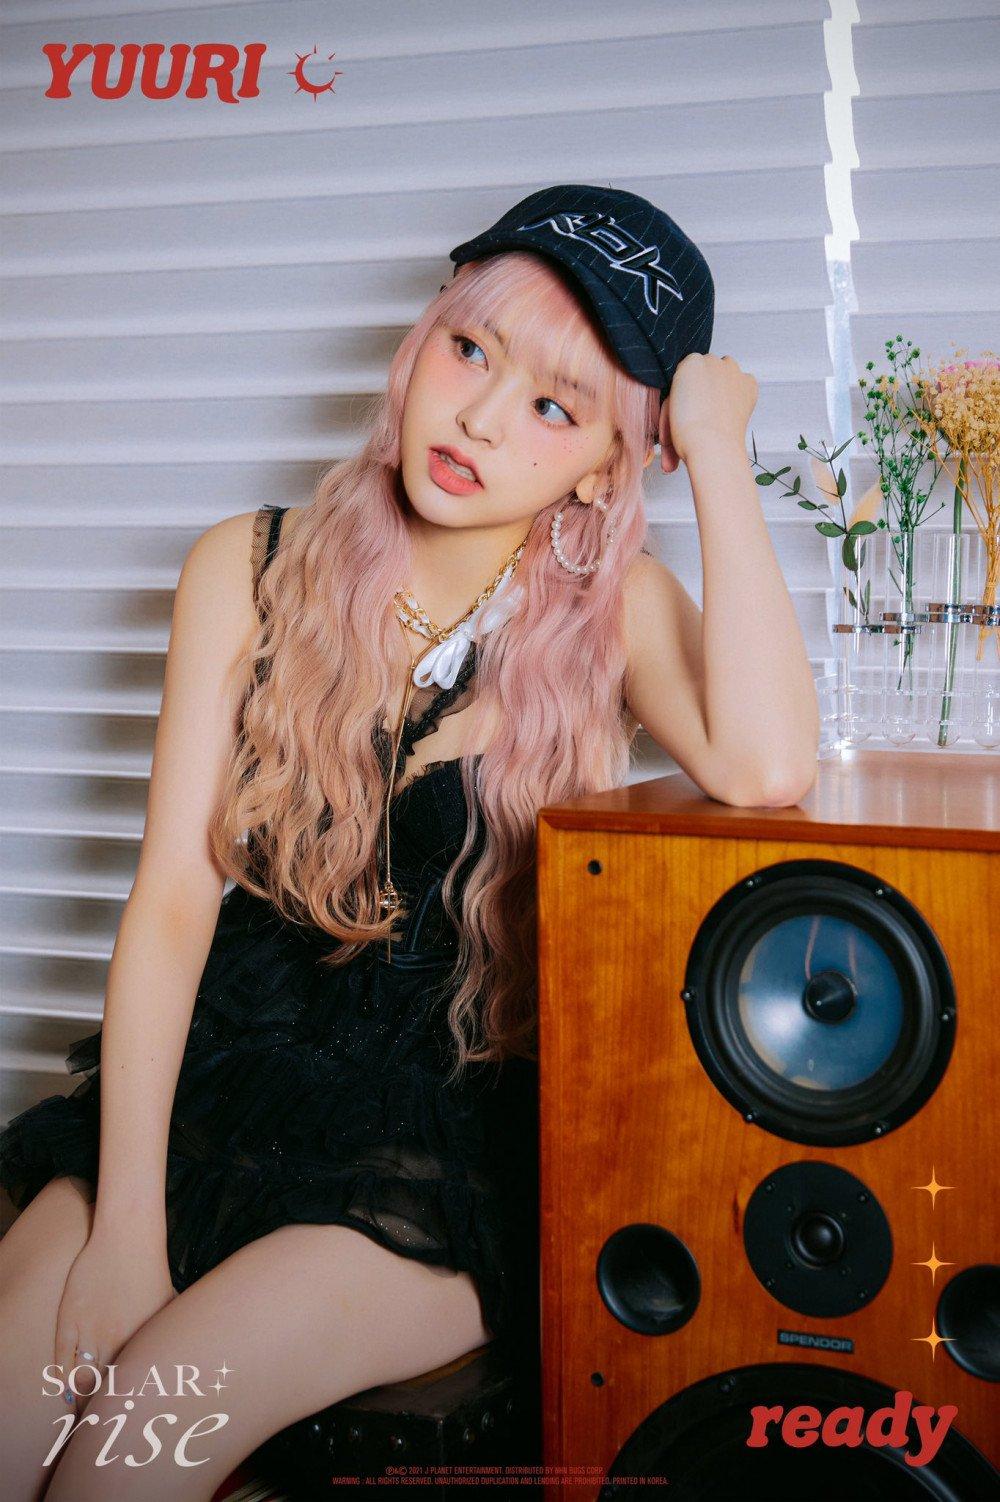 LUNARSOLAR adopta un estilo único en fotos teaser para su álbum 'Solar: Rise'